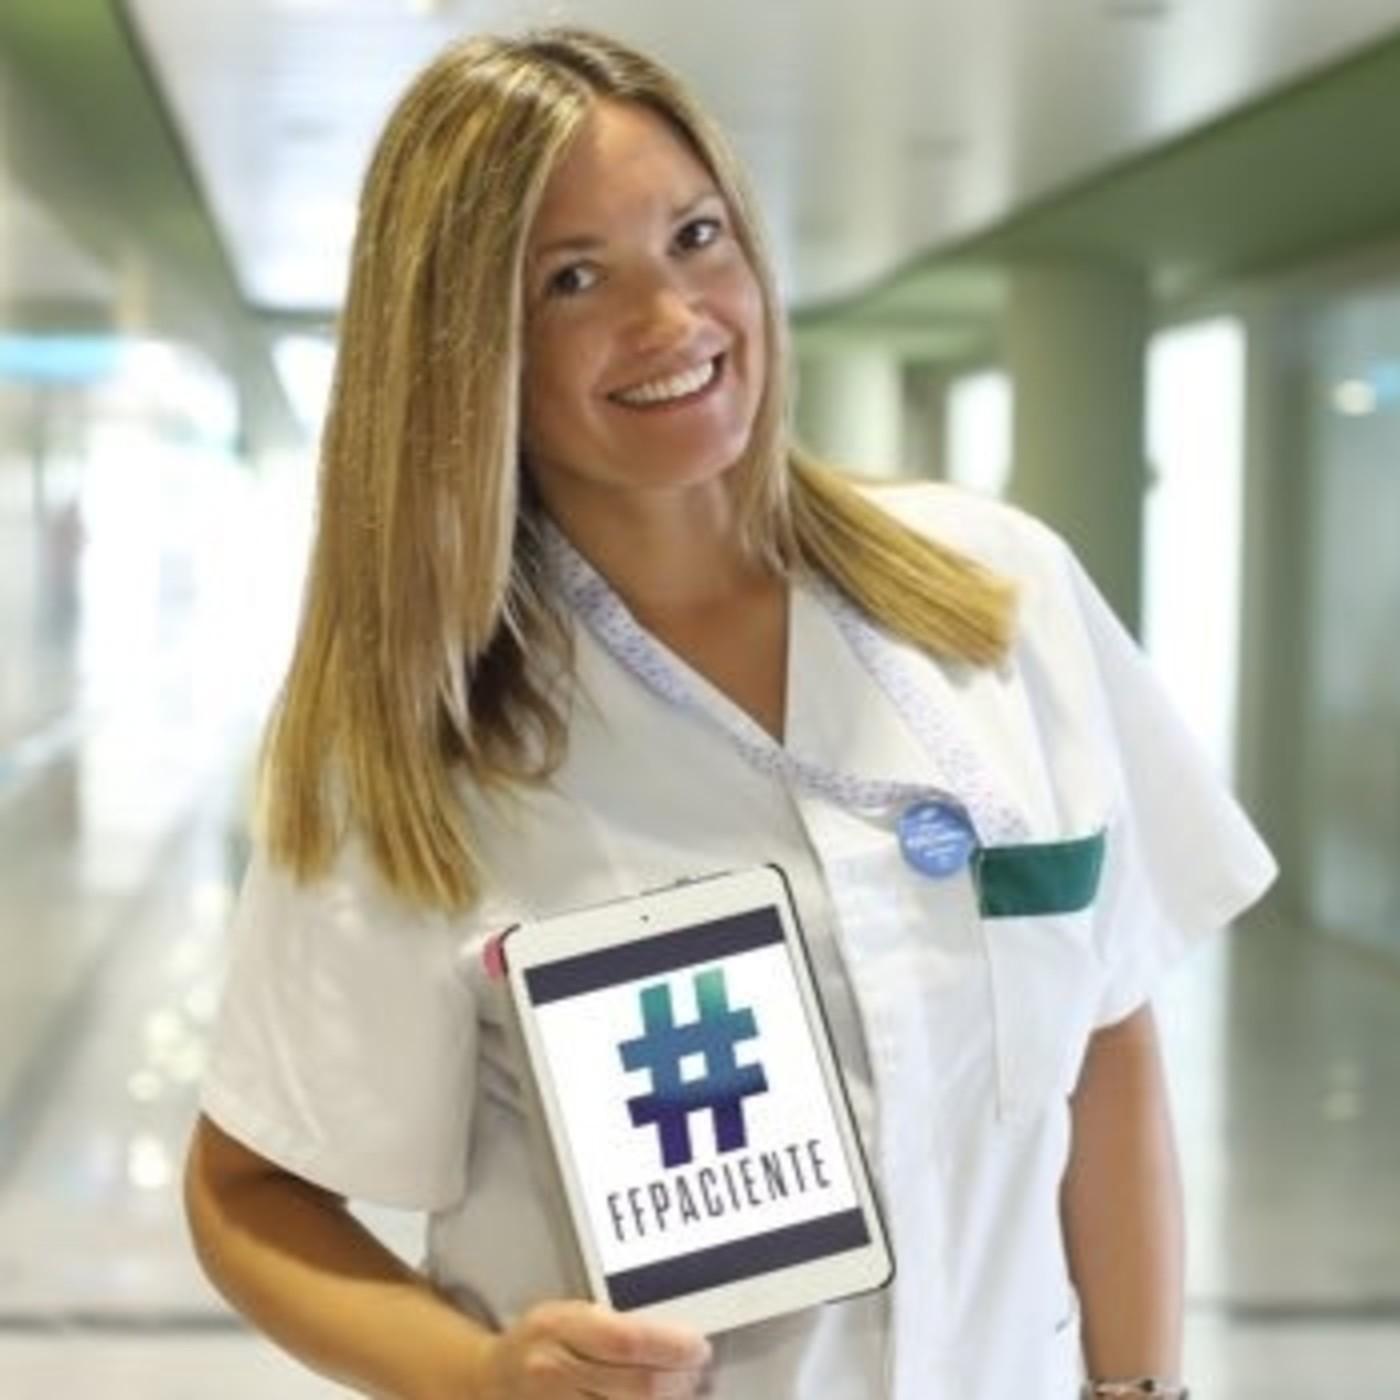 La @DUEdevocacion, Teresa Pérez, participará en las IV Jornadas sobre Conocimiento Enfermero